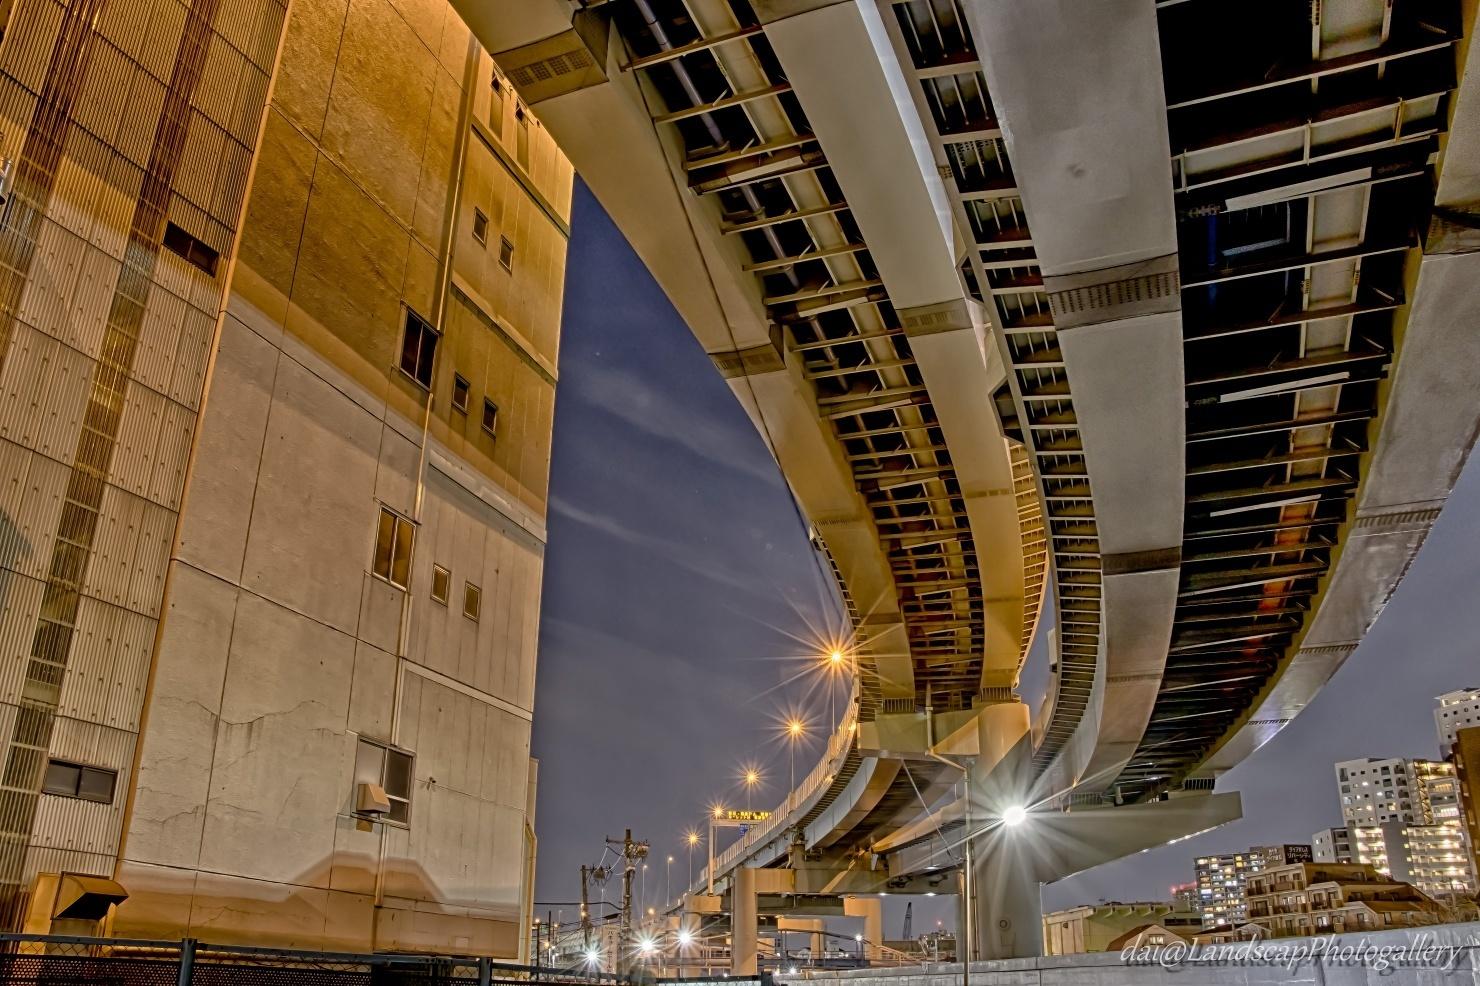 首都高向島線高架下夜景【HDRi】